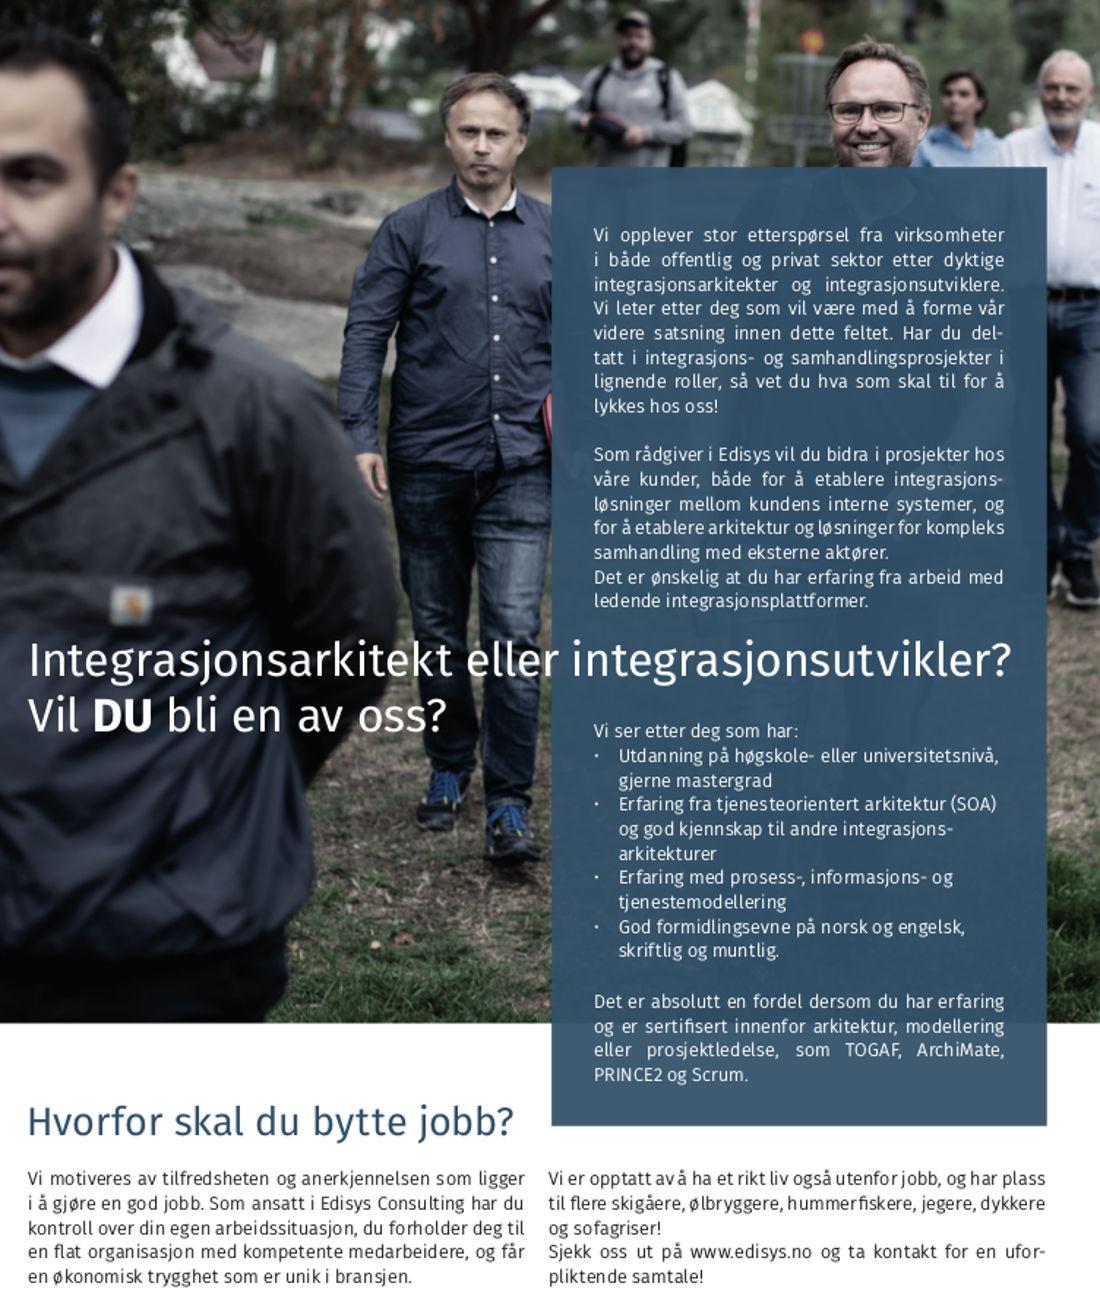 Vi trenger flere integrasjonsarkitekter og -utviklere!